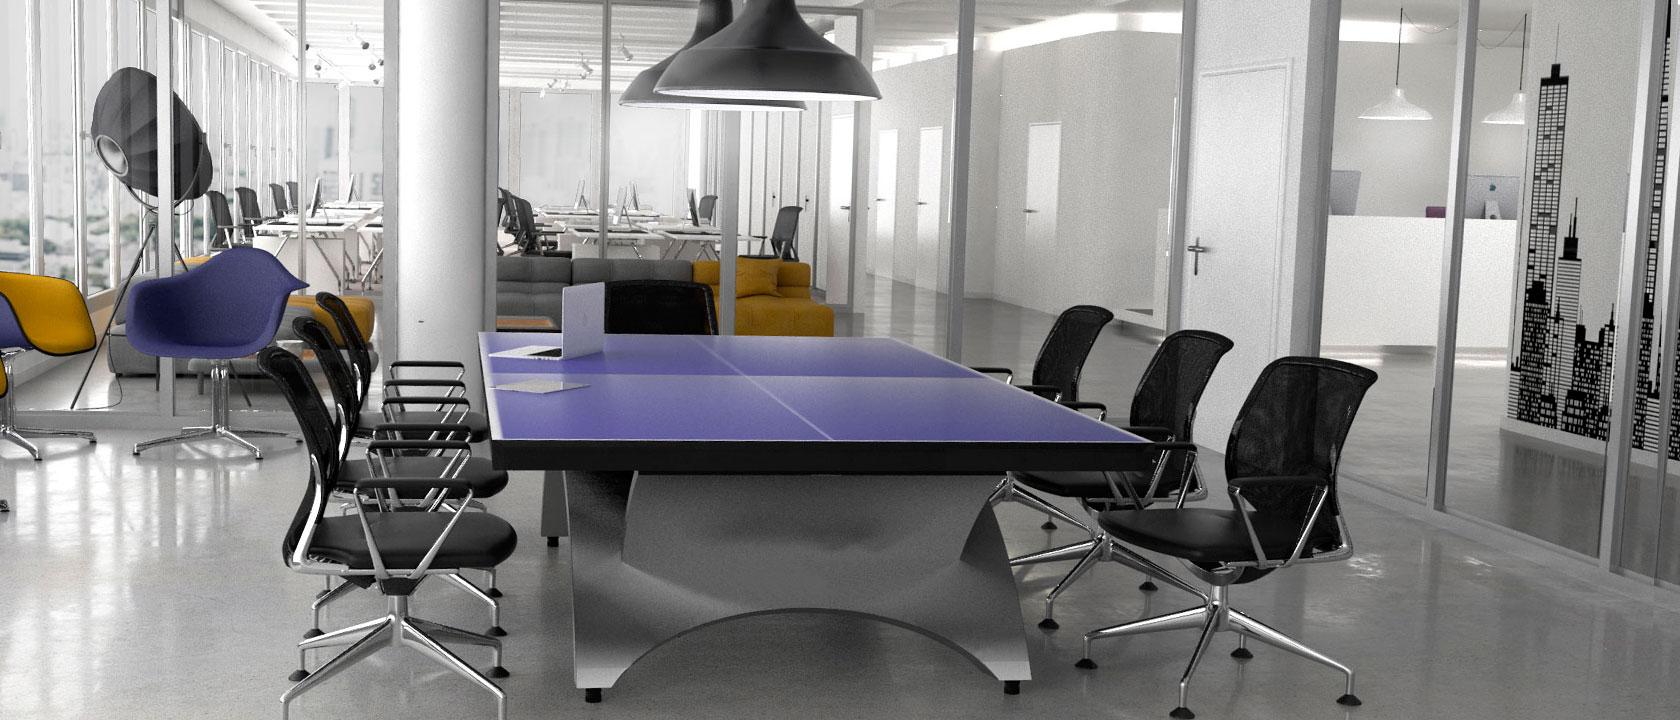 Mesas de ping pong para oficinas corporativas ofertas de mesas de ping pong - Mesa de ping pong precio ...